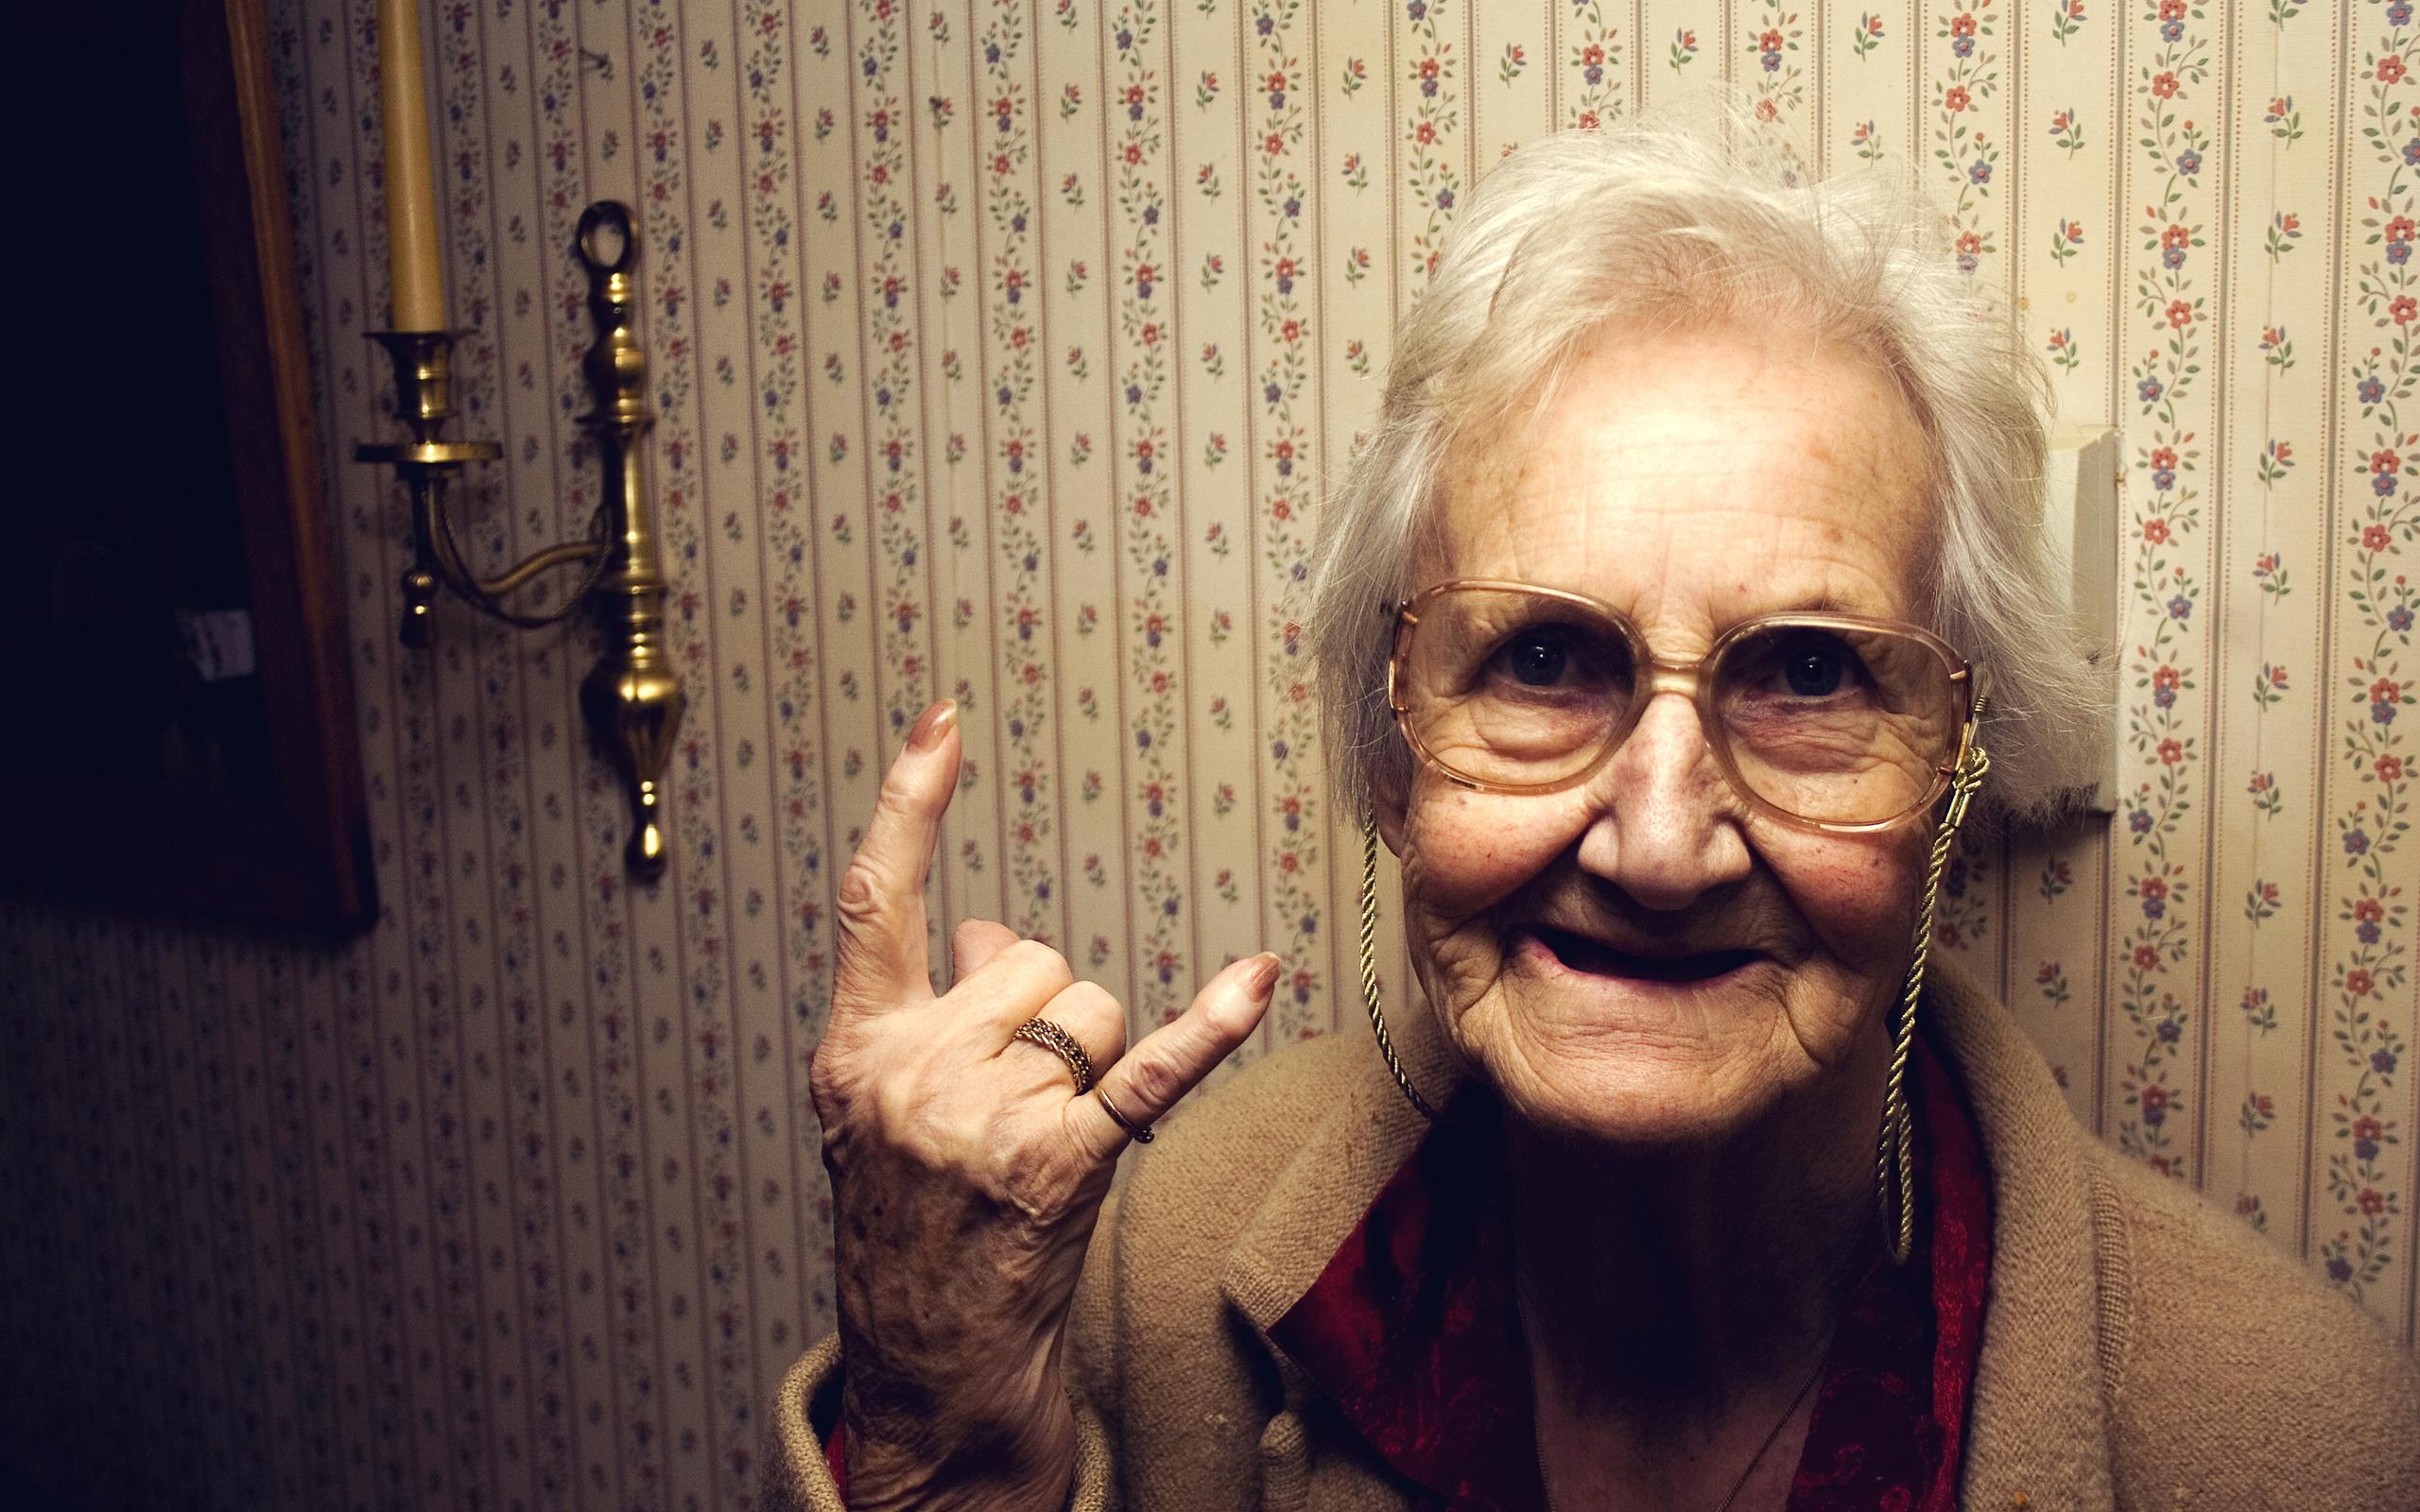 La abuela rockera - 2560x1600